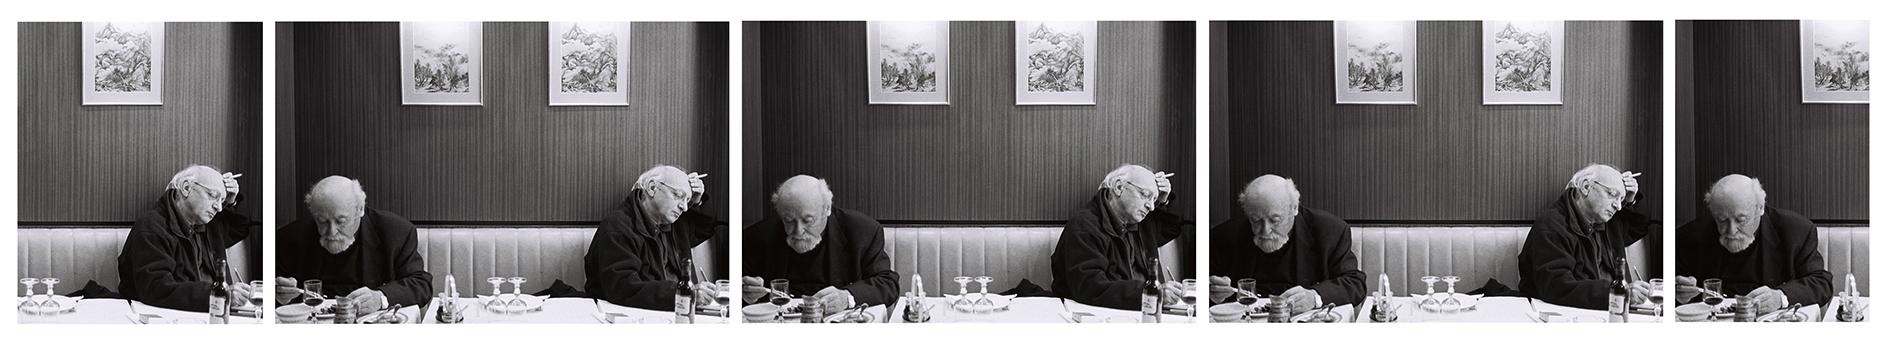 Autour il y avait le temps, symétrique et implacable, parfumé et silencieux  Paris, 17/04/04